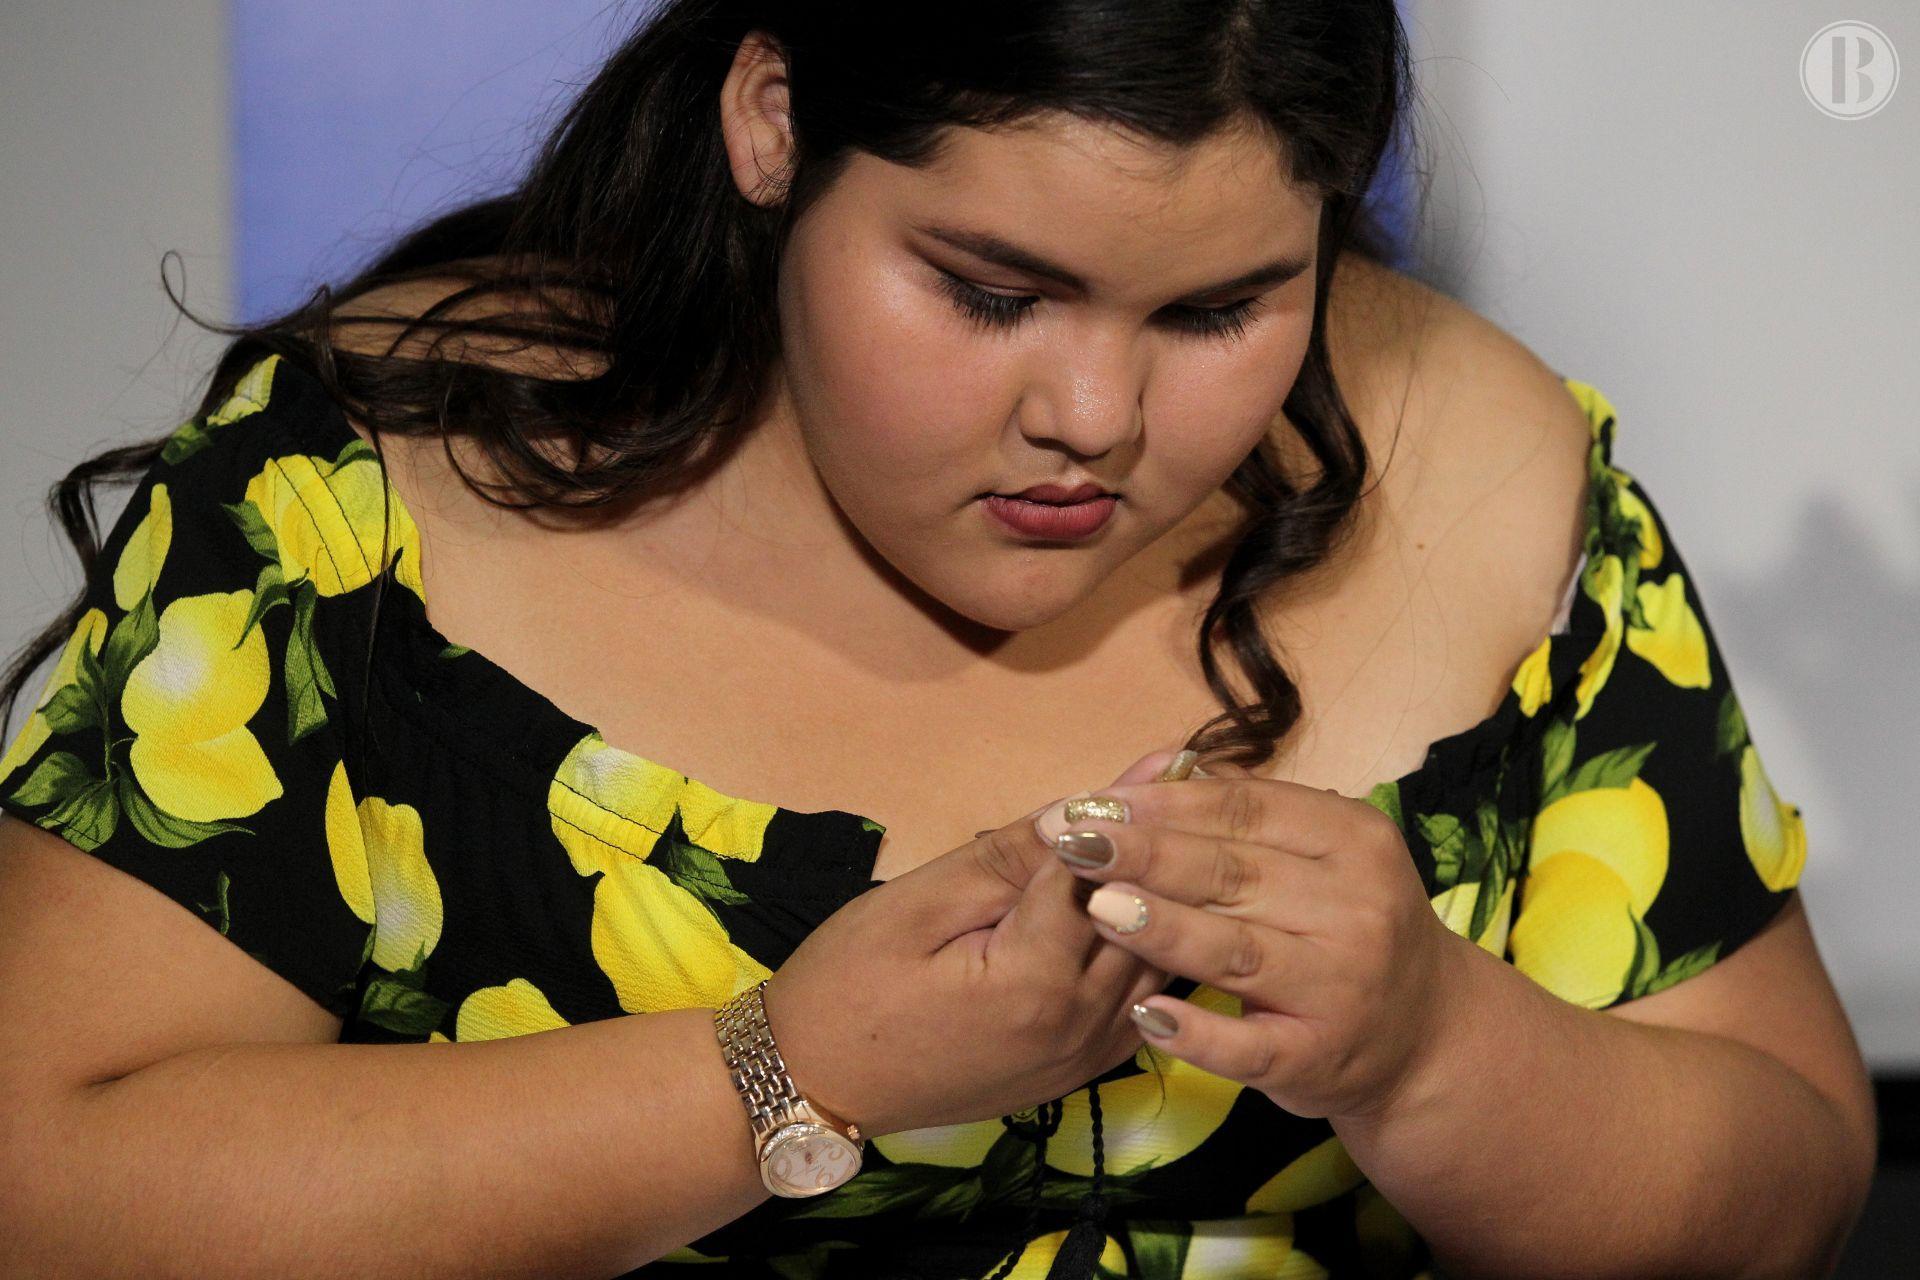 Obesidad mórbida en adolescentes acorta hasta 40 años la esperanza de vida